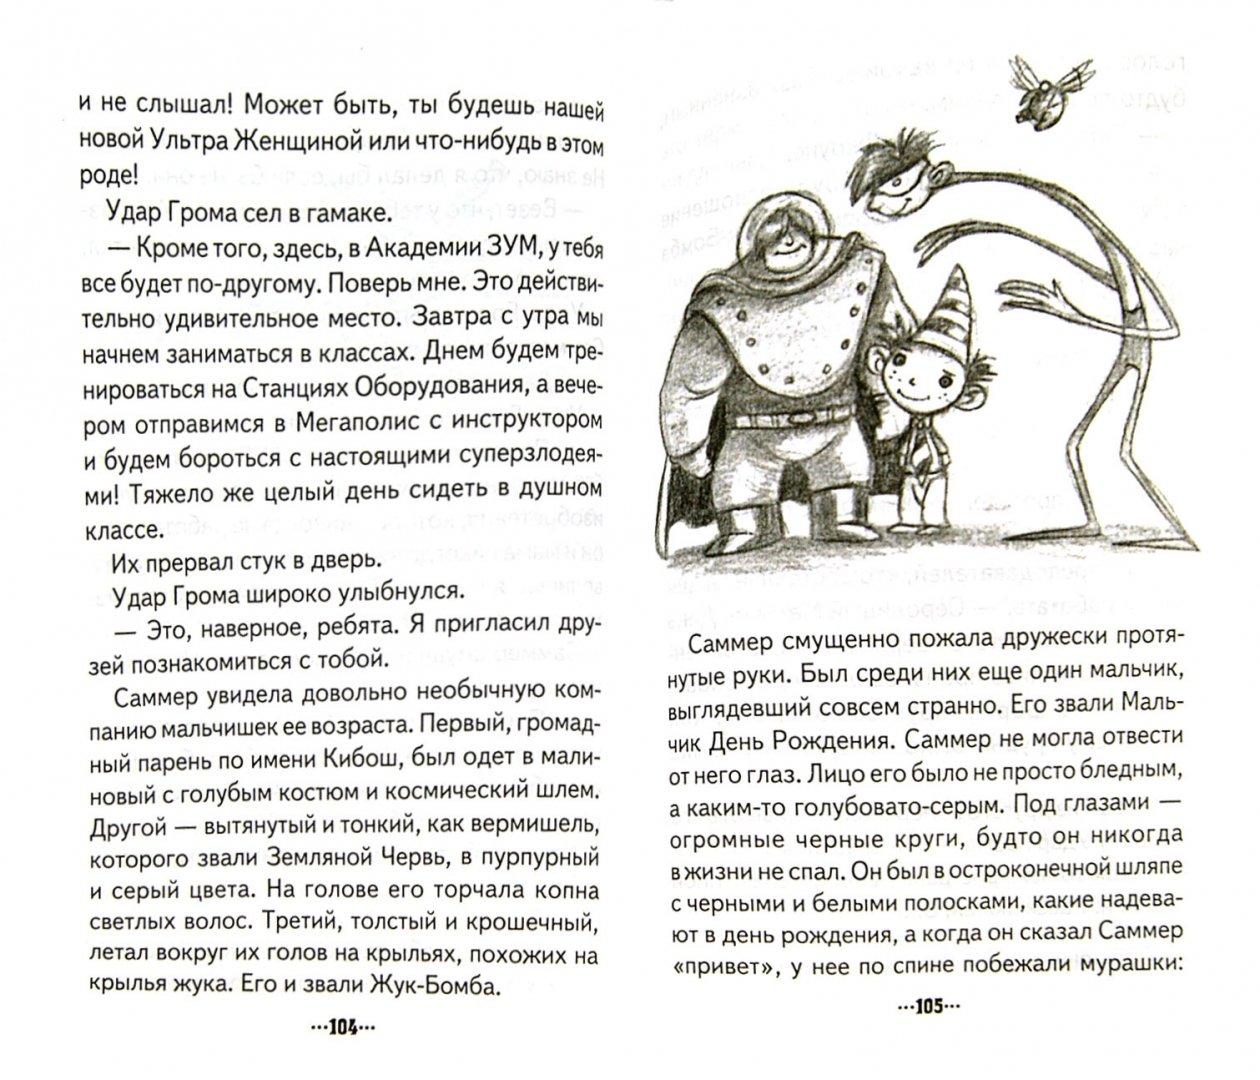 Иллюстрация 1 из 23 для Поразительные приключения в Академии Зум - Джейсон Летко   Лабиринт - книги. Источник: Лабиринт